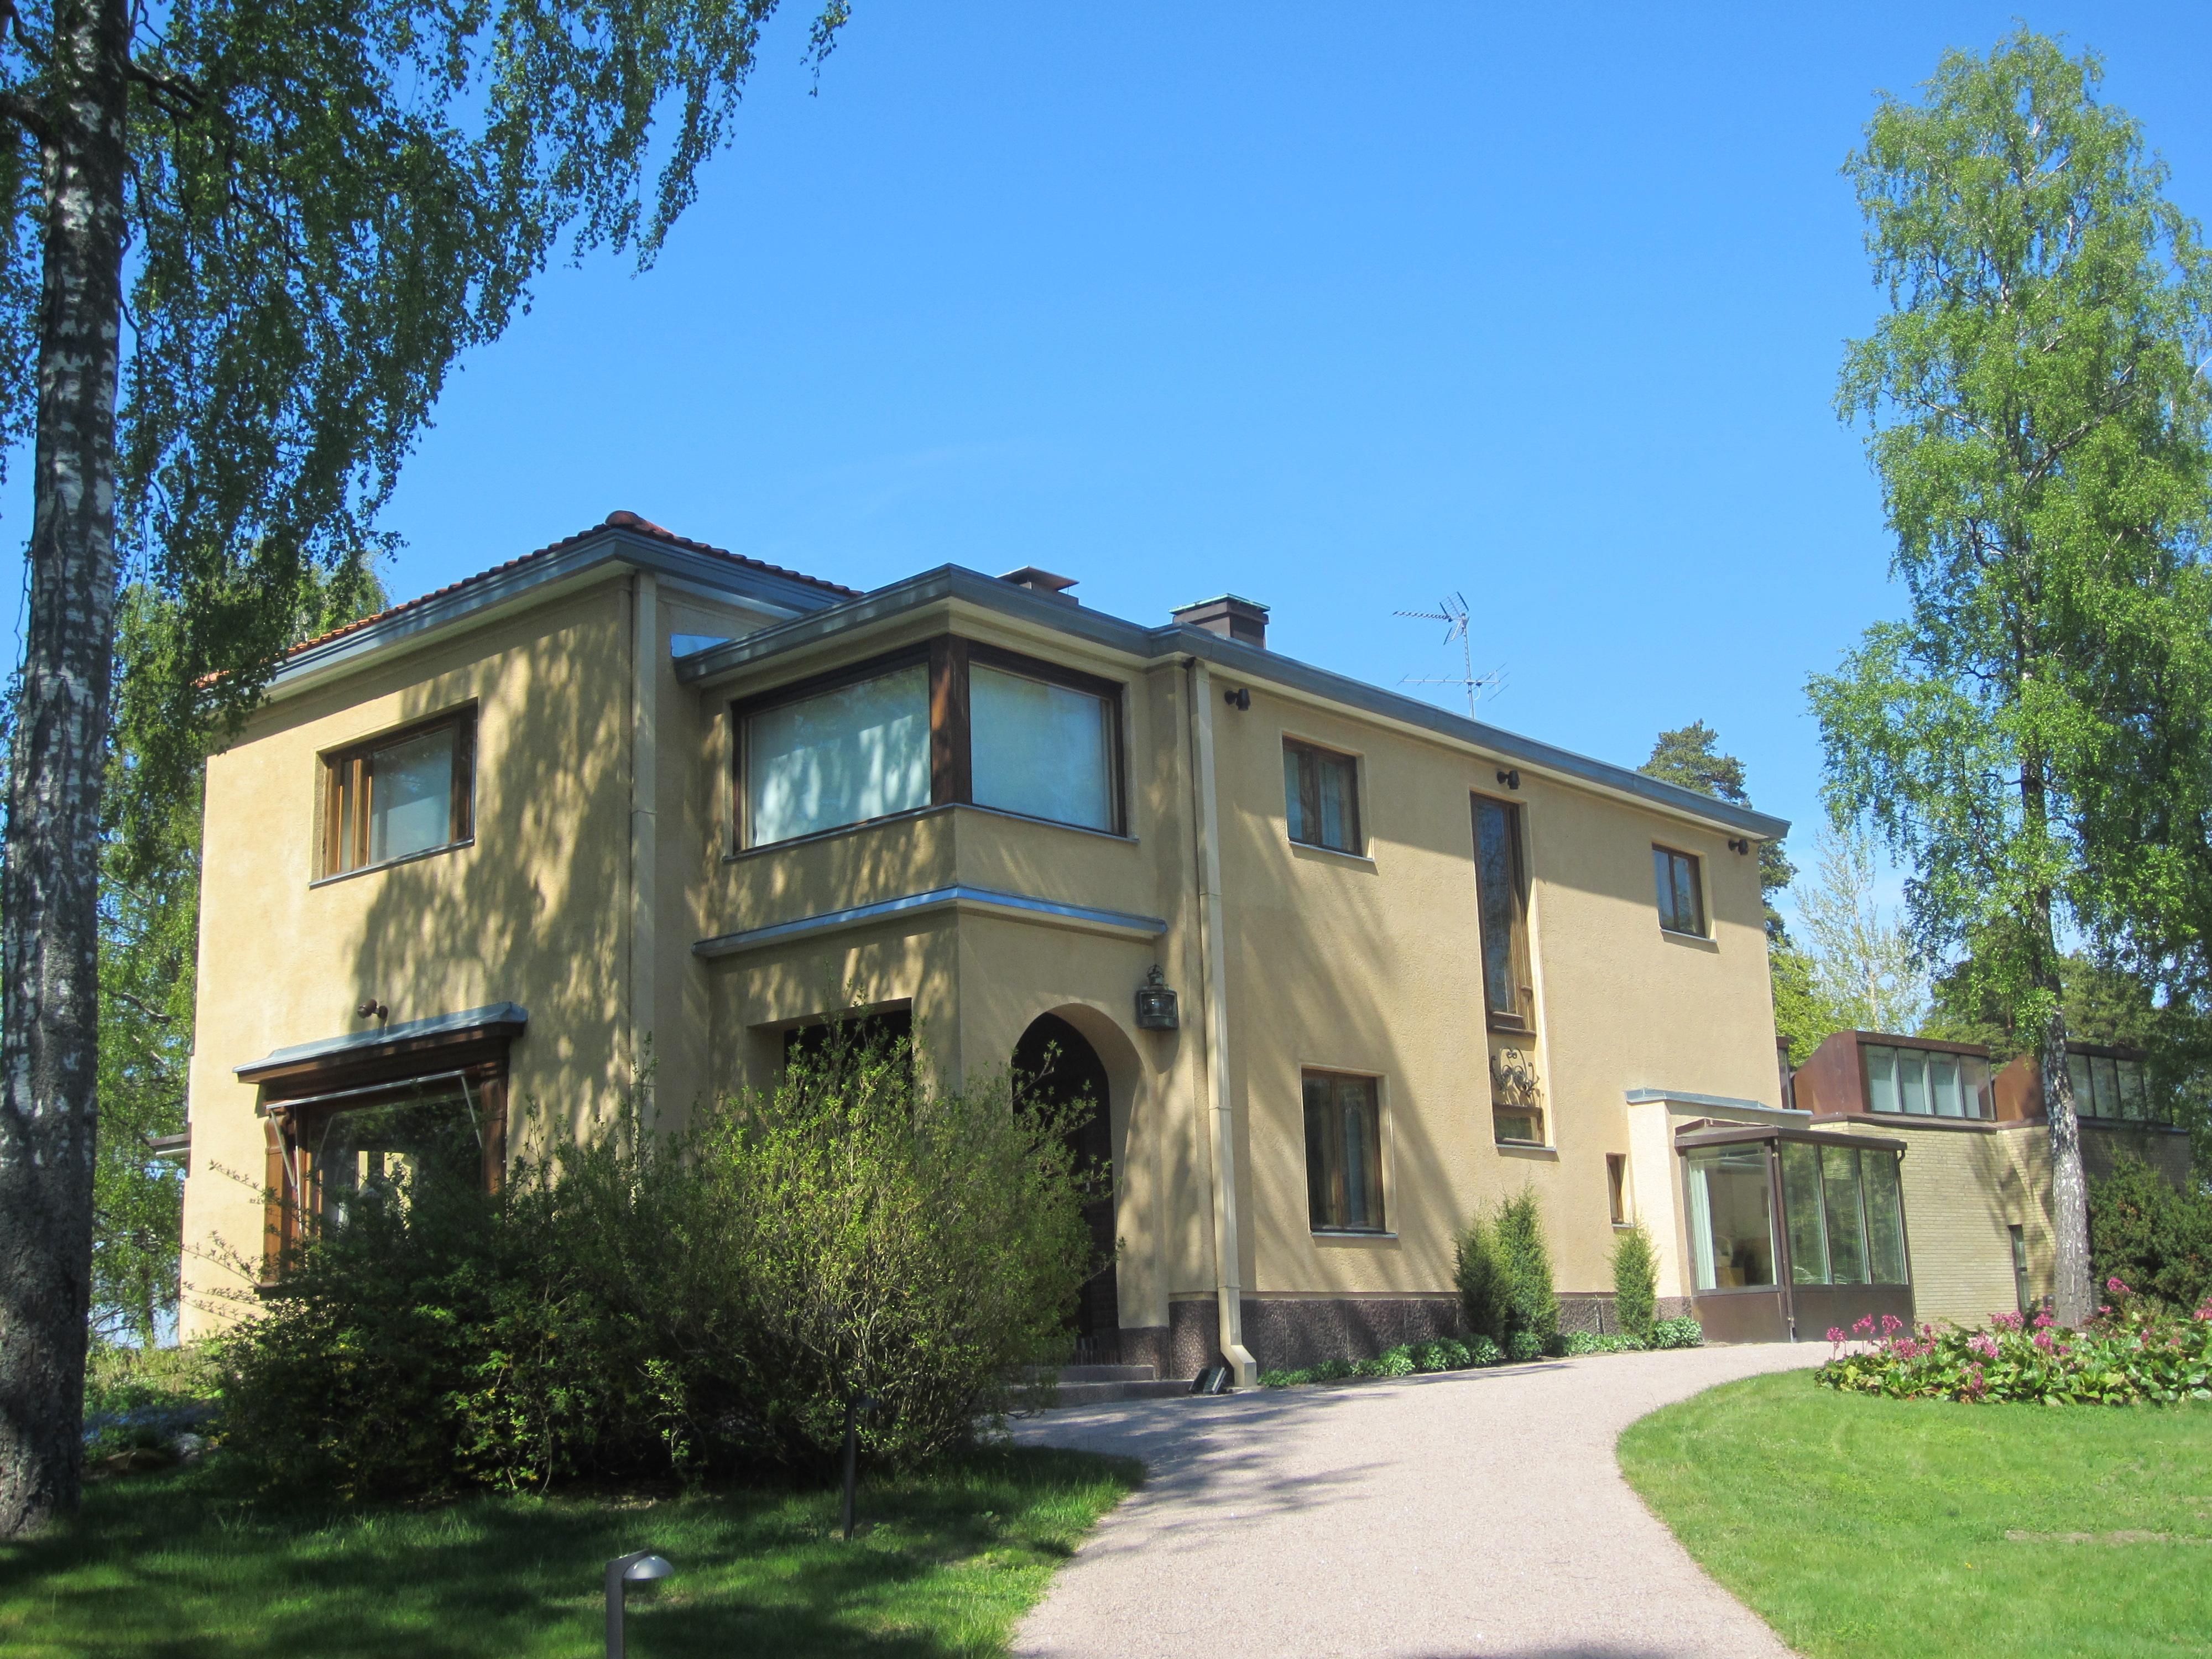 Villa Gyllenberg Helsinki Kuusisaari Osallistuvaa Havainnointia